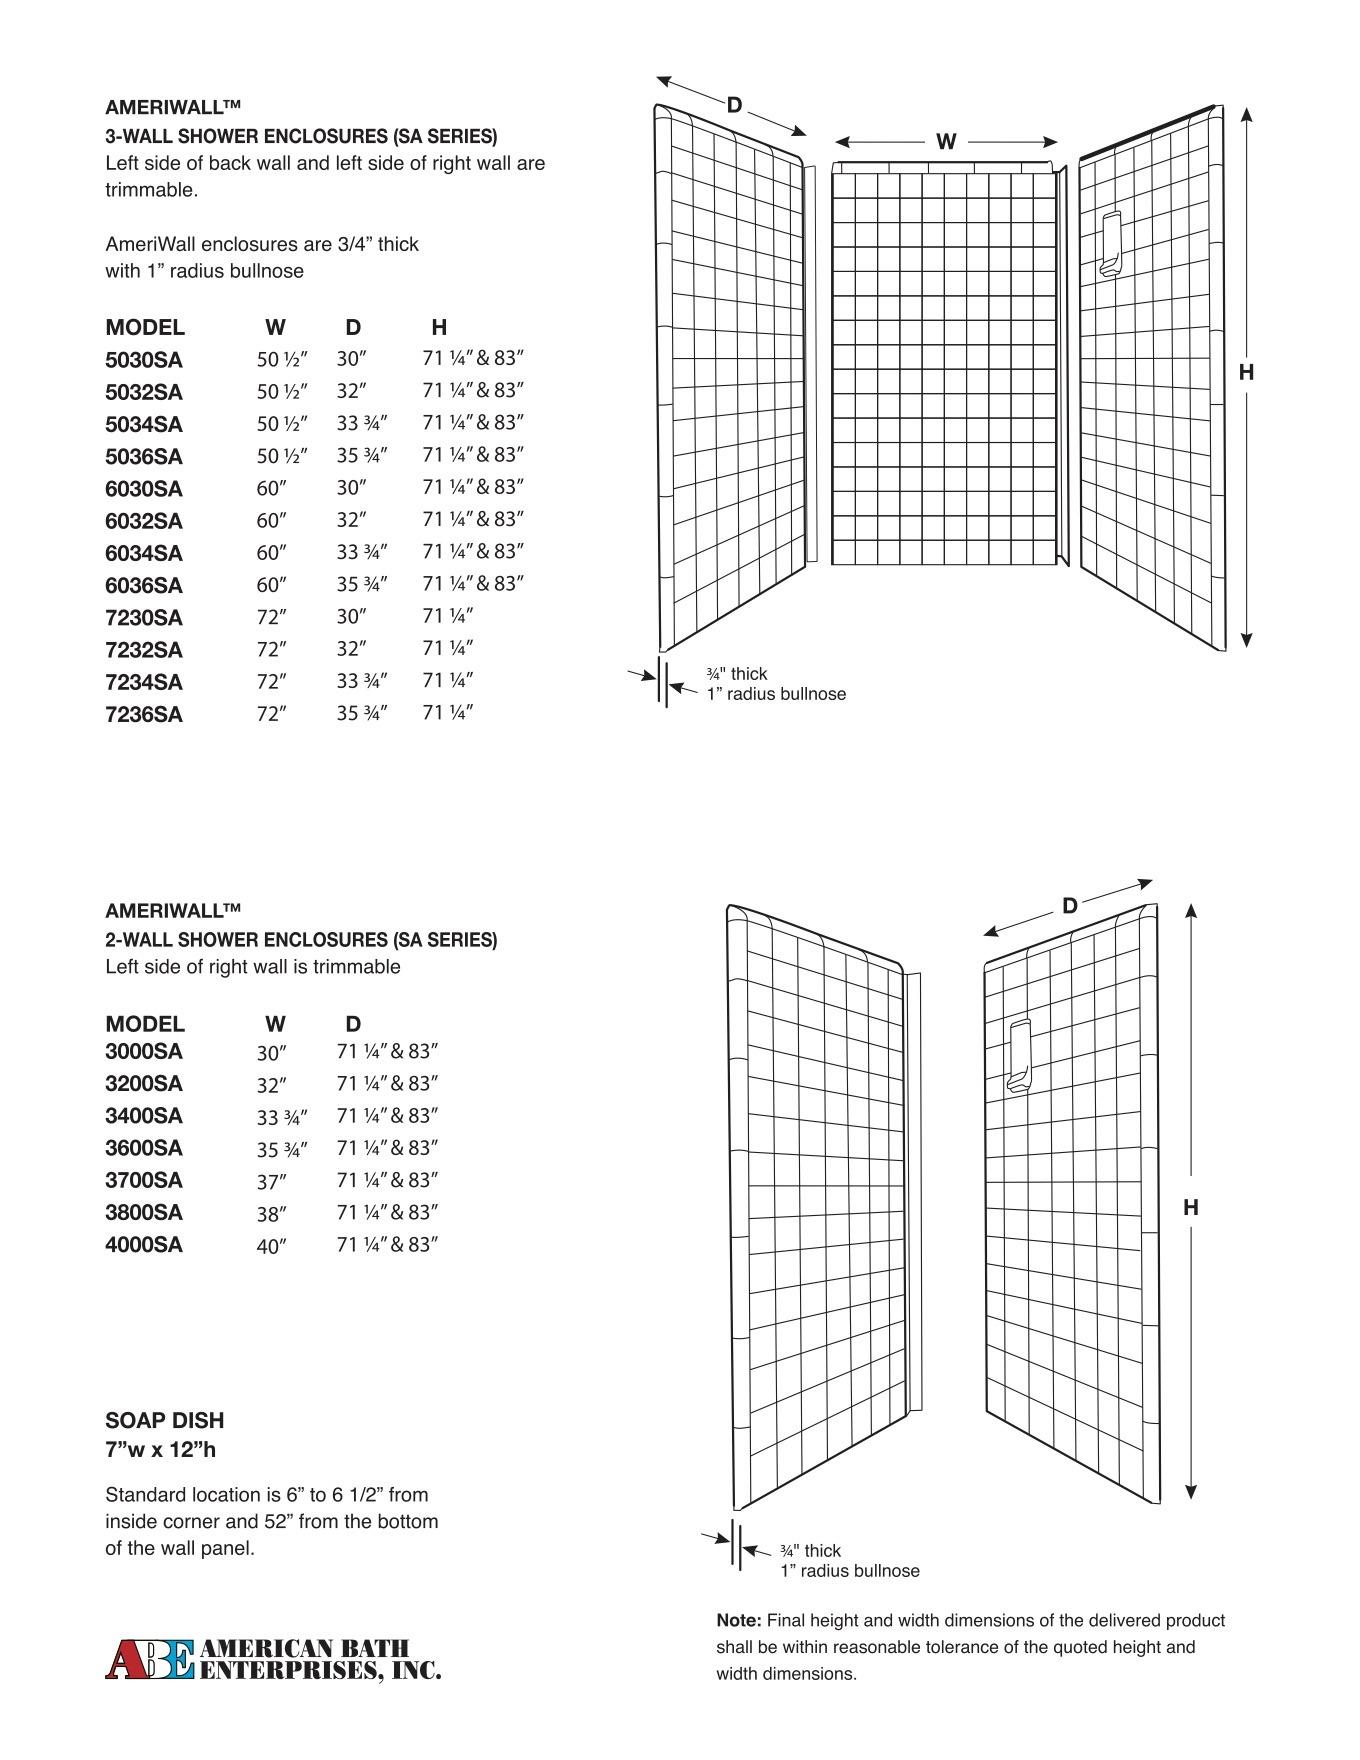 SA-series shower enclosures